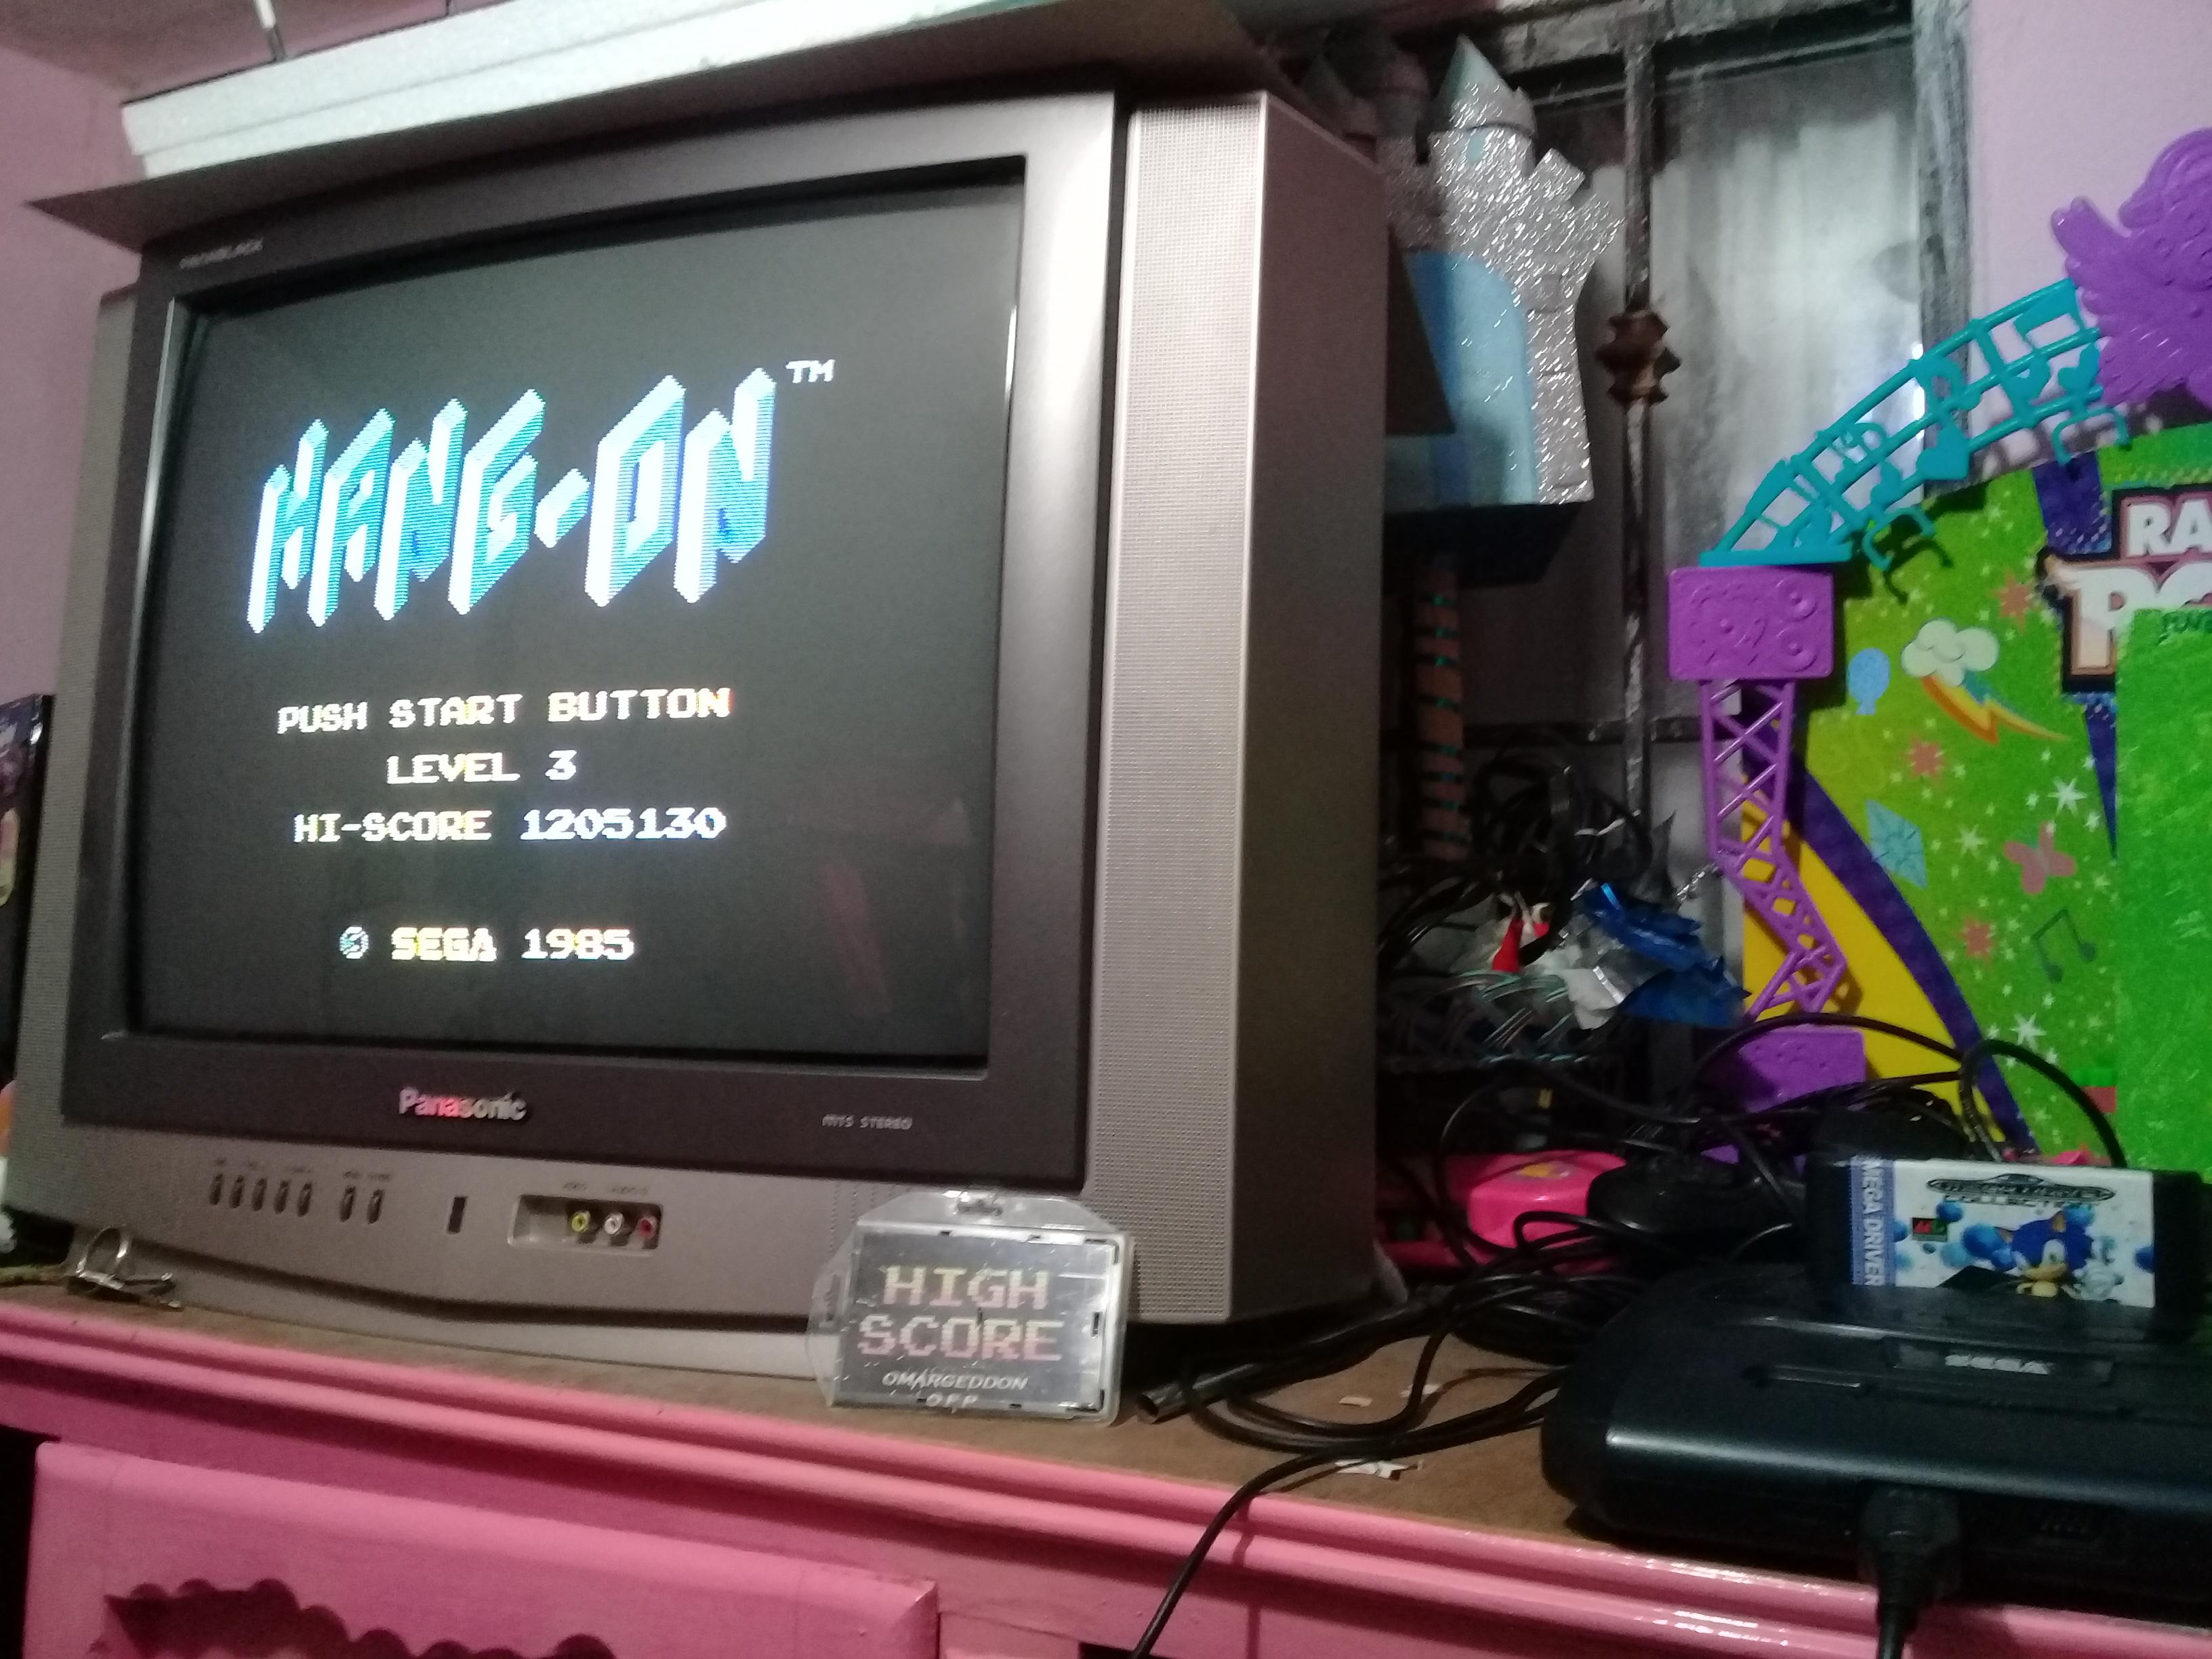 omargeddon: Hang On [Level 3] (Sega Master System) 1,205,130 points on 2019-01-11 16:34:36